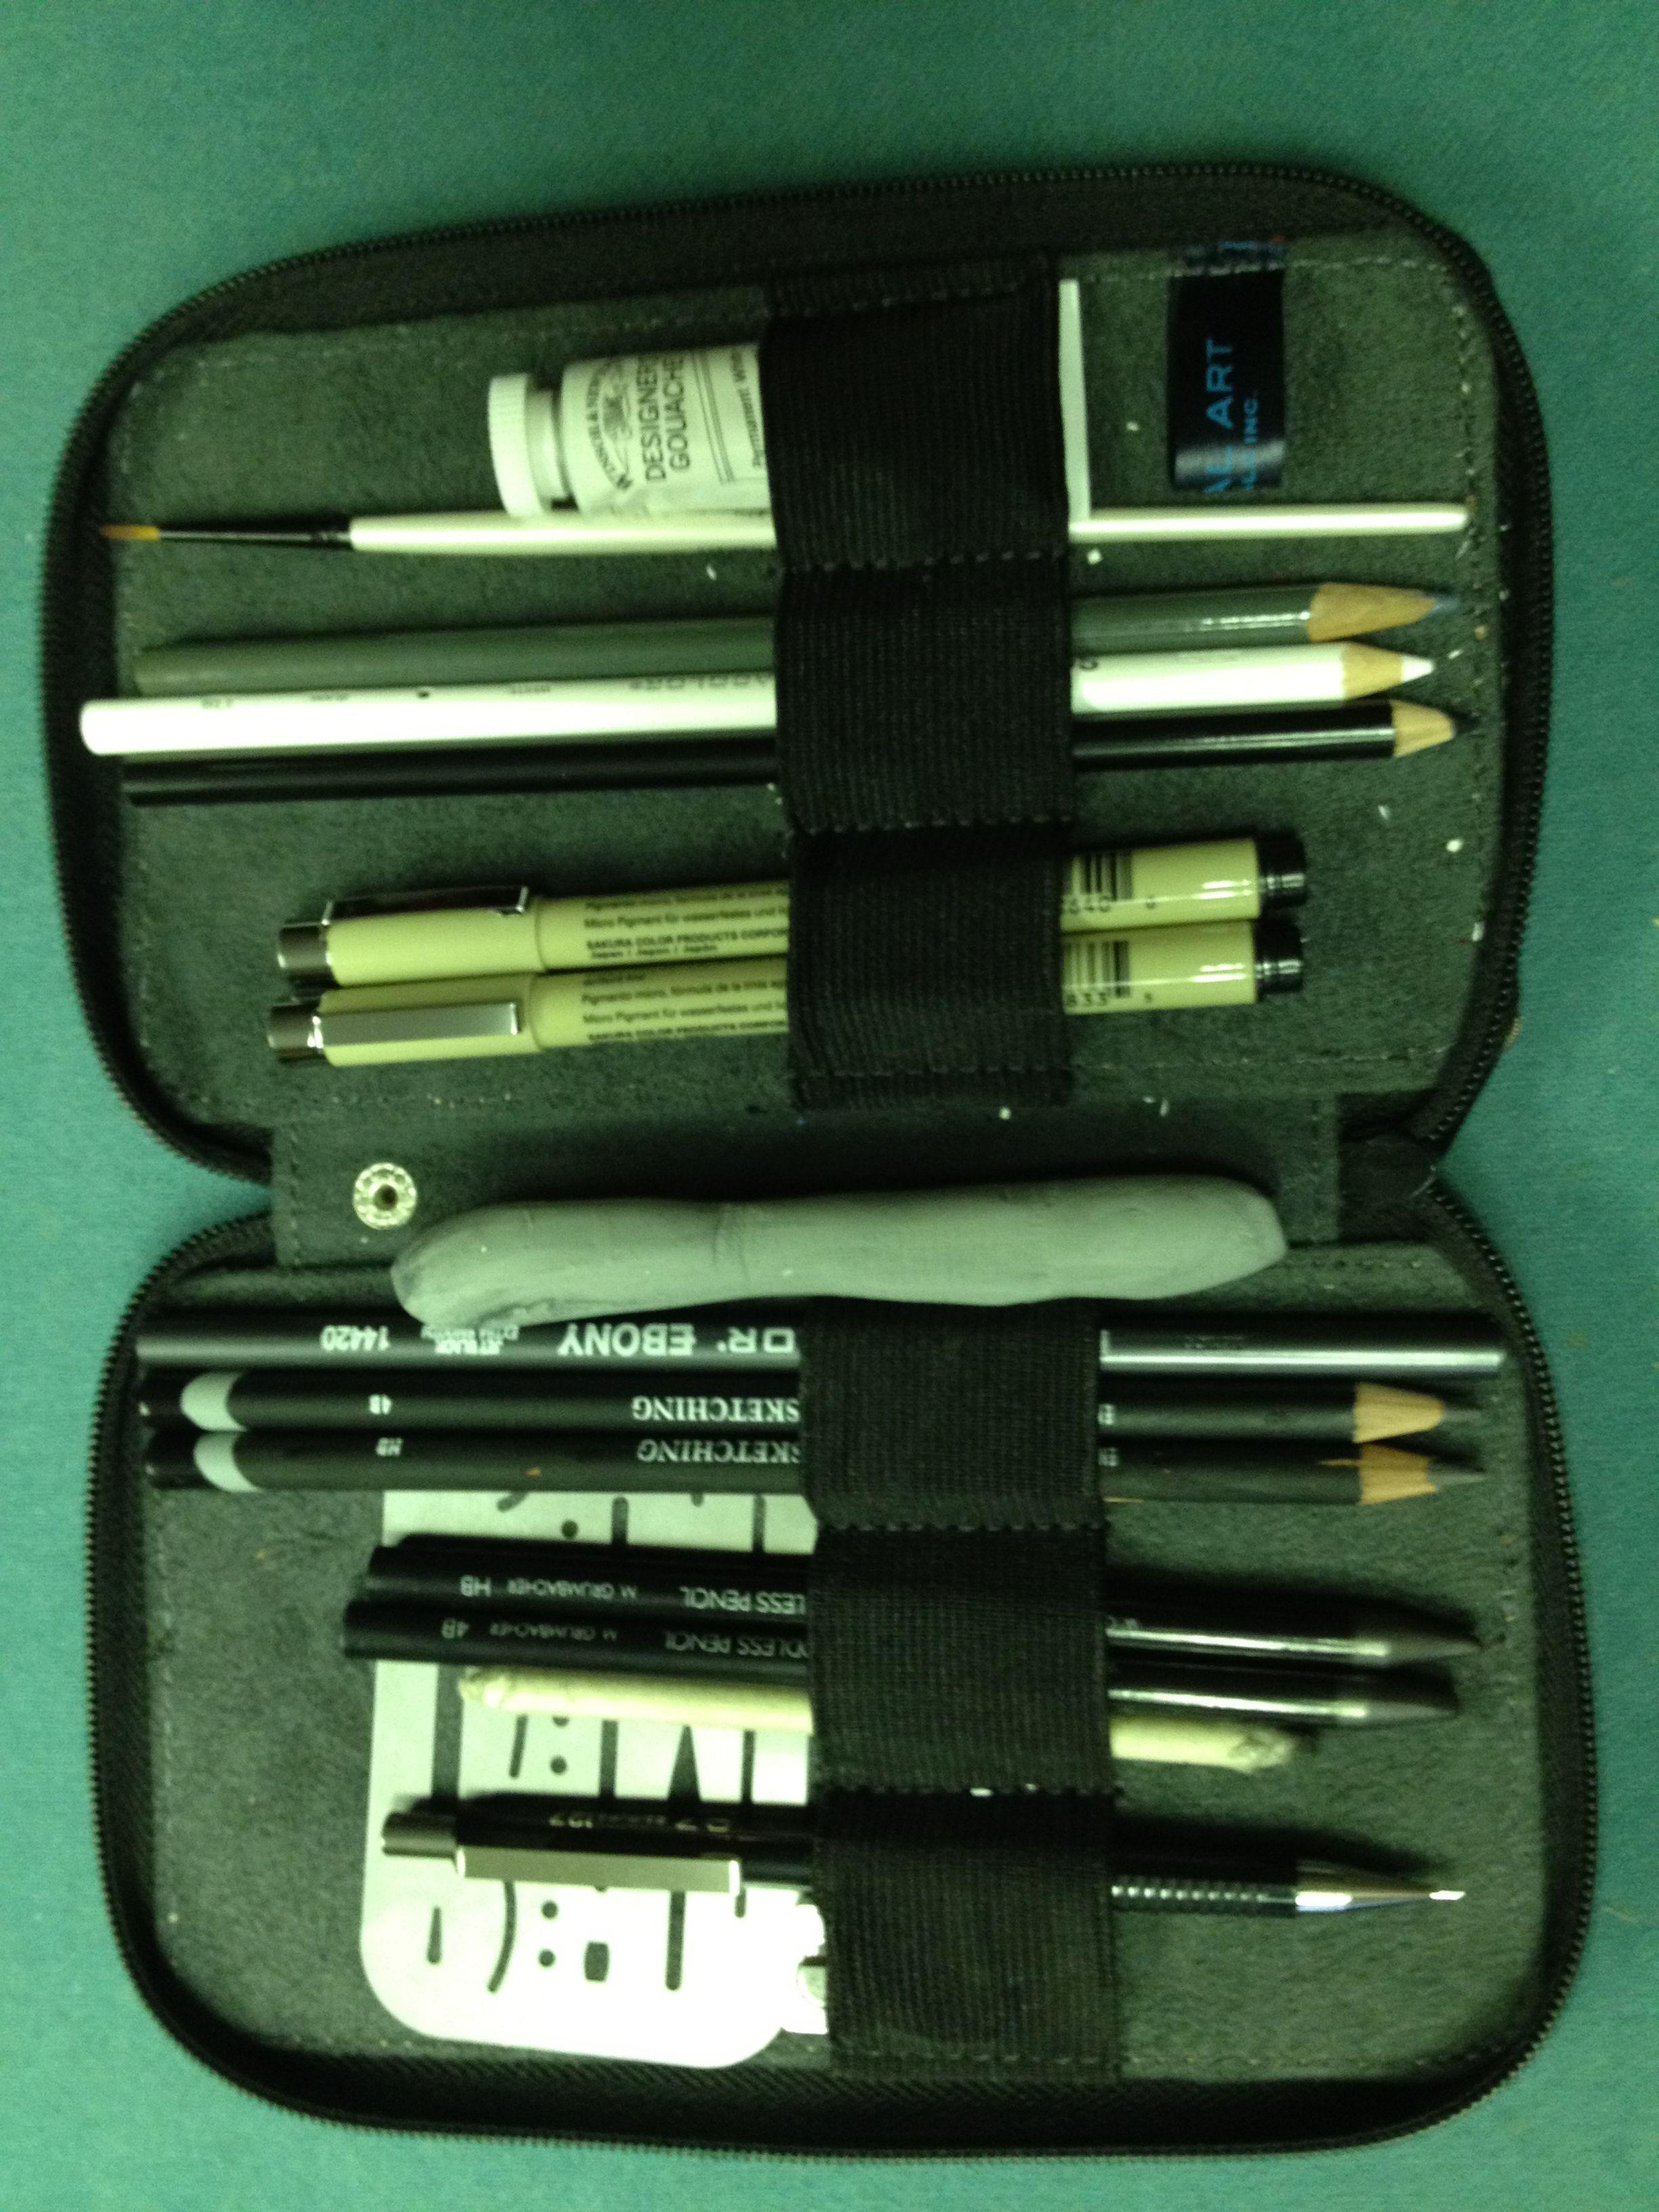 Pencil/pen case Sharpener, wood/less hb/4b, mech hb, sharpener, tech ...